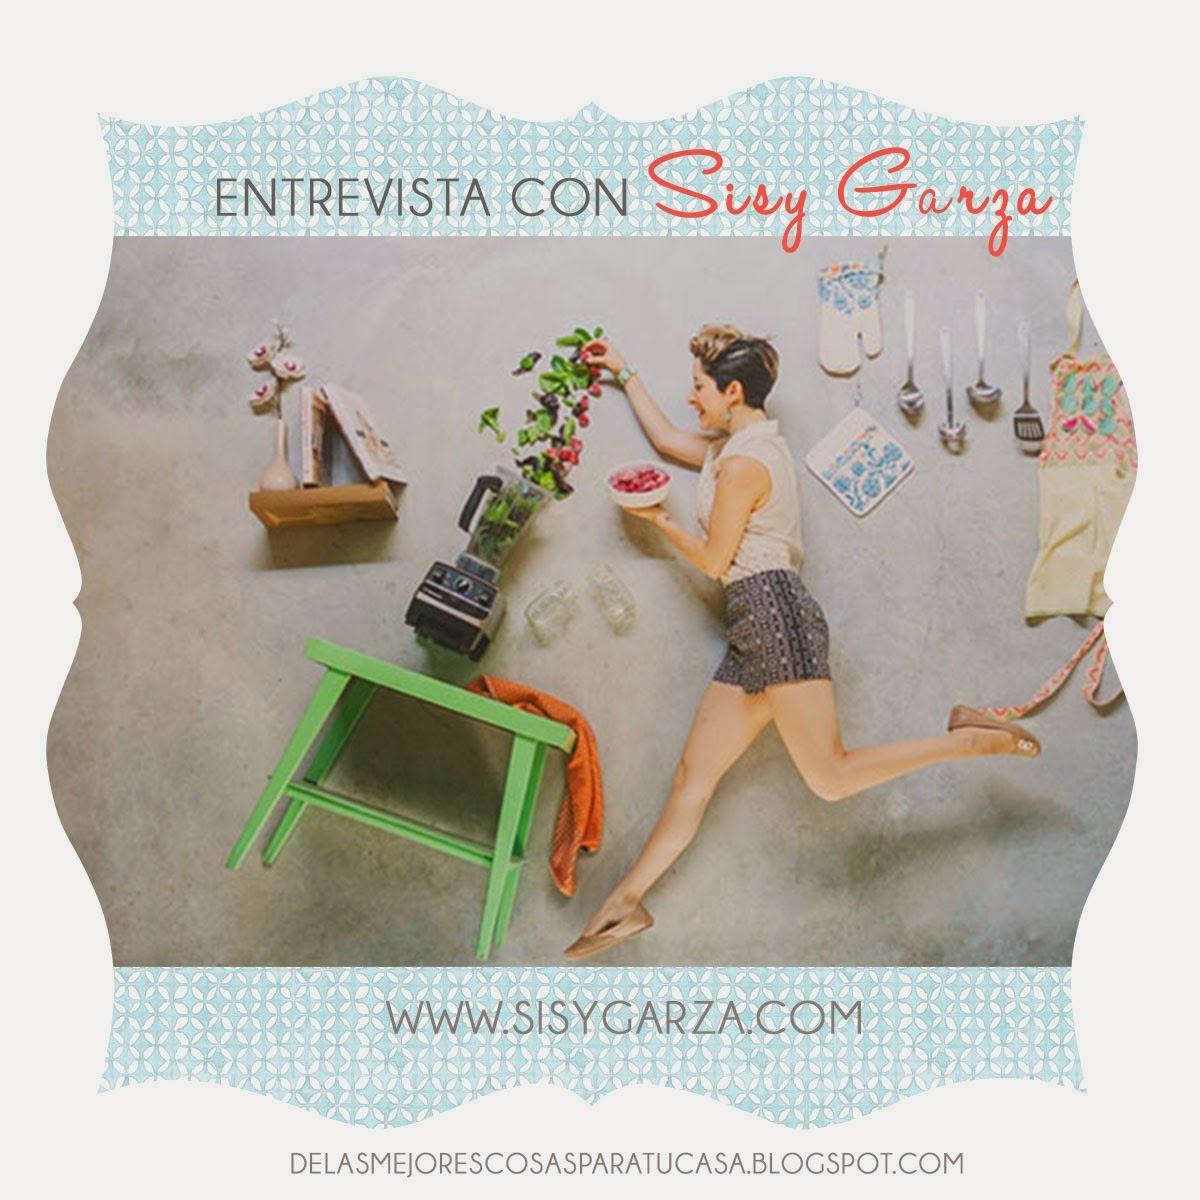 Entrevista con: Sisy Garza